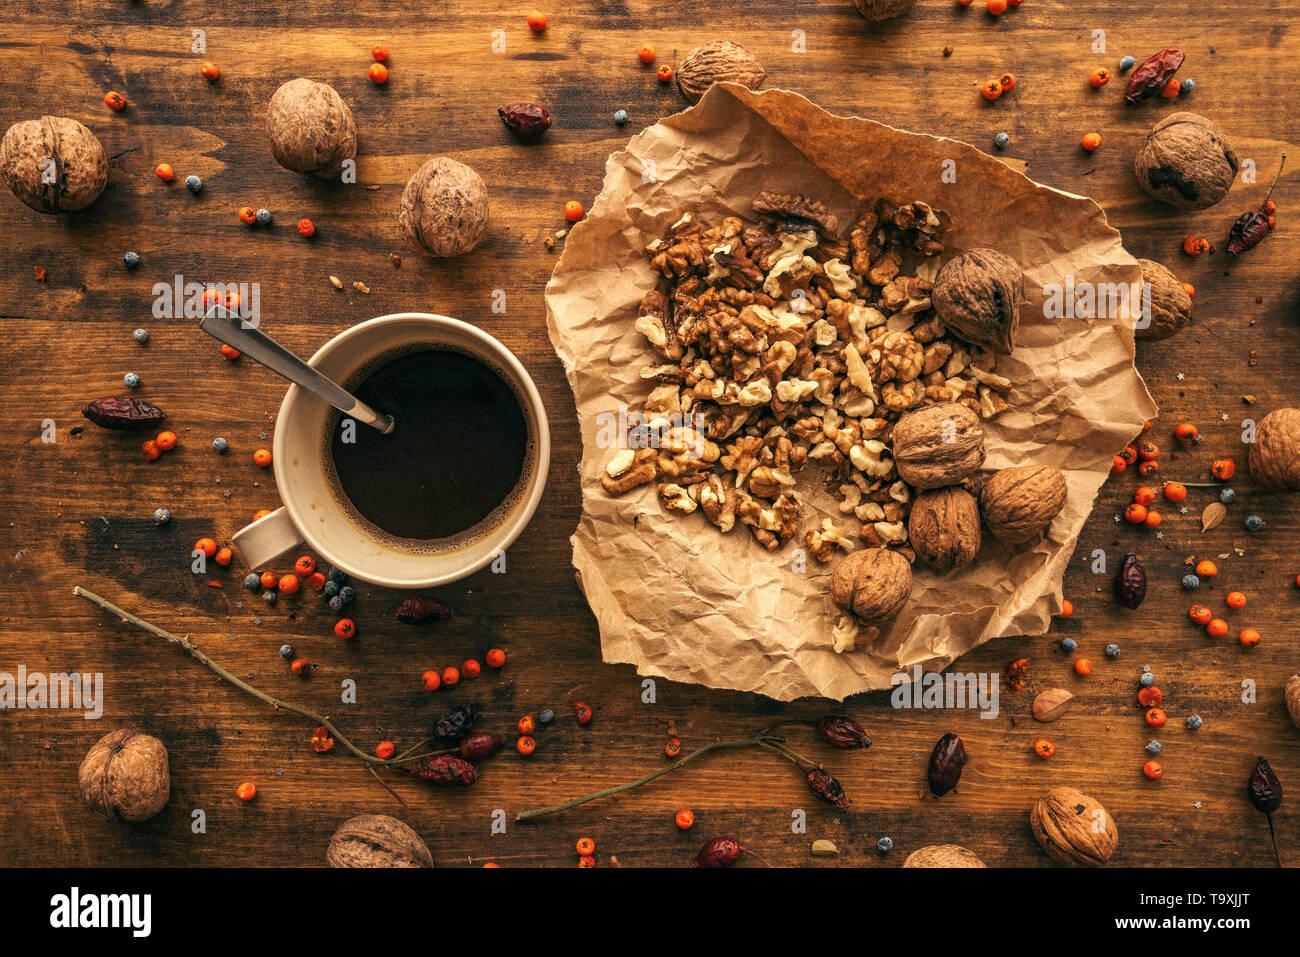 Fruits mûrs et noyer la tasse de café sur la table, vue de dessus de la nourriture sains antioxydants Photo Stock